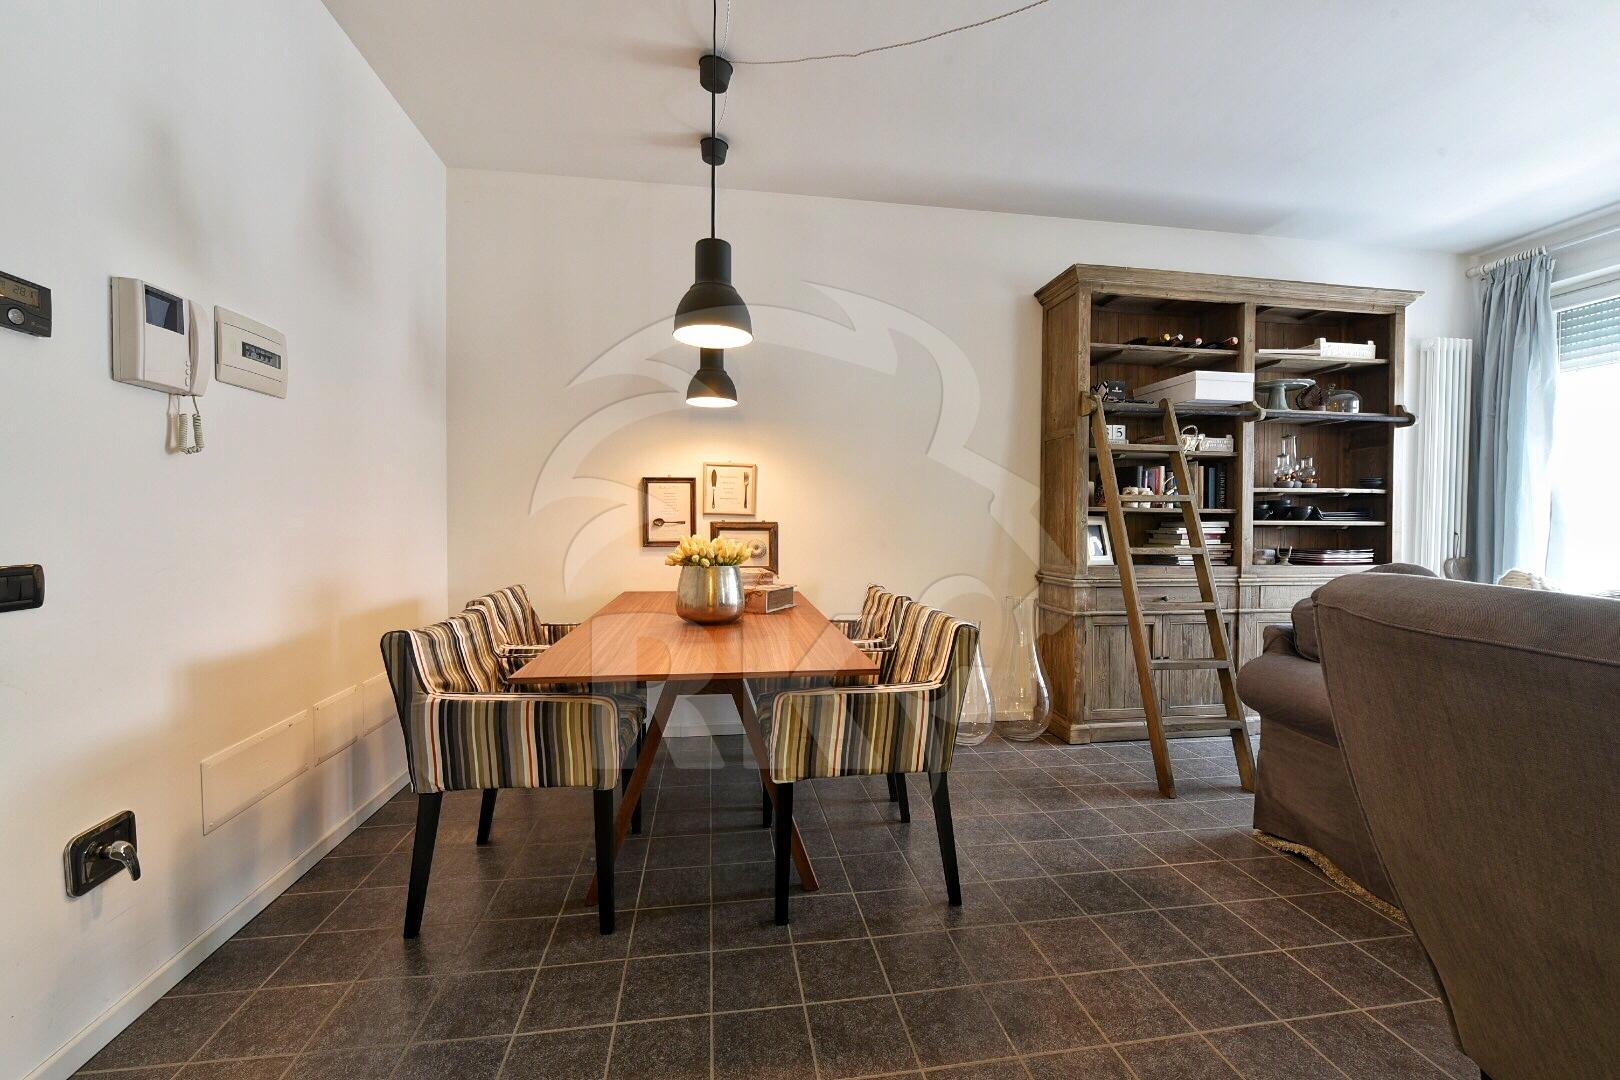 Ufficio Open Space Bologna : Appartamento open space in affitto bologna santa viola via emilia